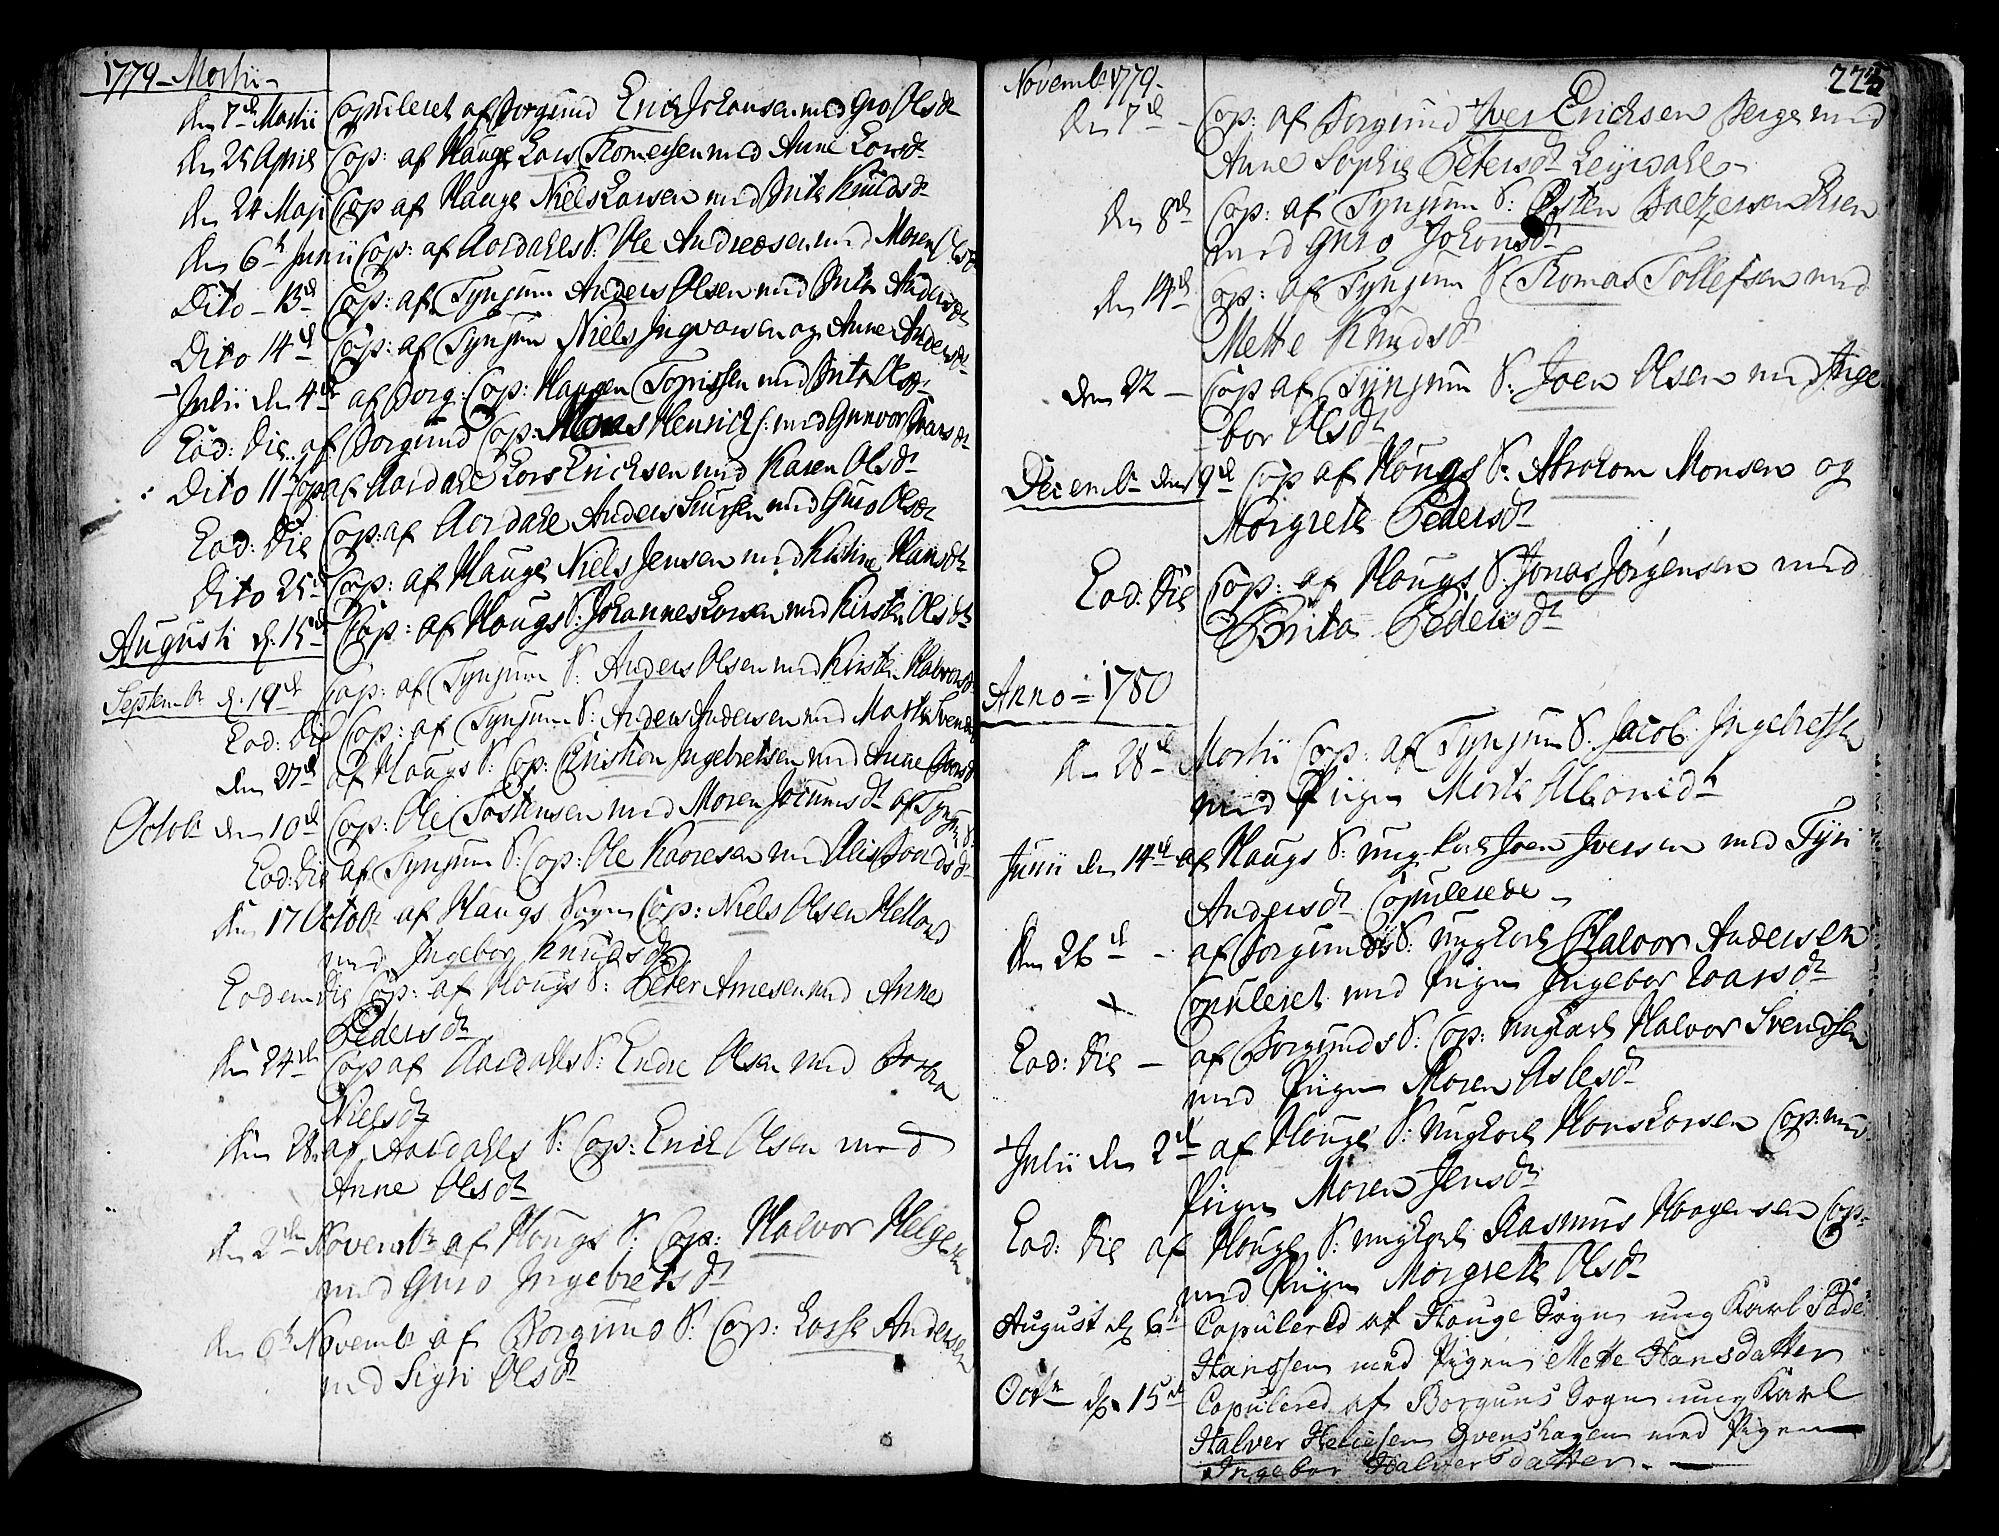 SAB, Lærdal sokneprestembete, Ministerialbok nr. A 2, 1752-1782, s. 223